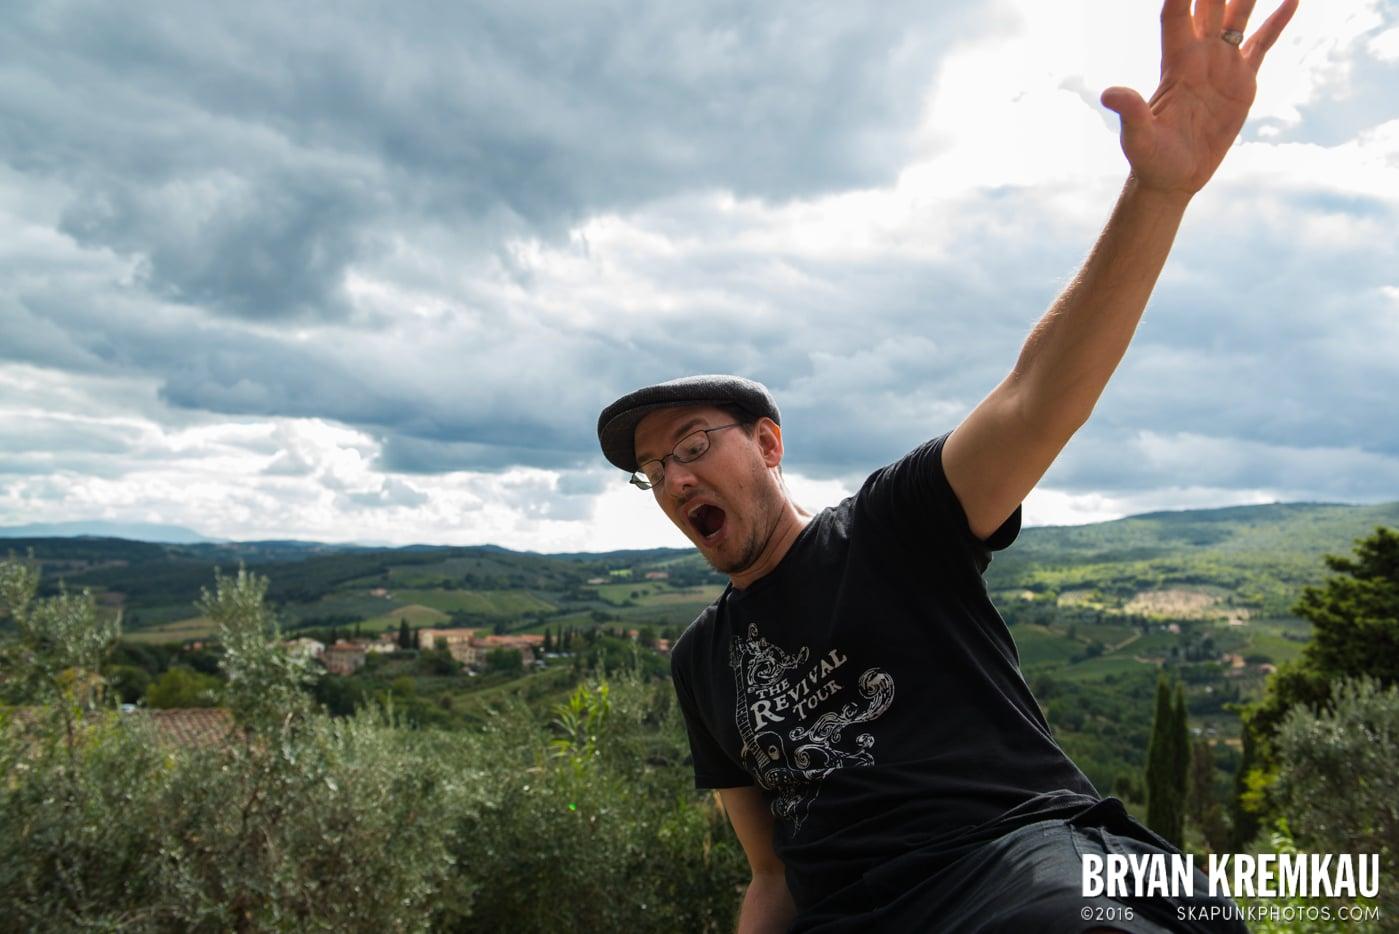 Italy Vacation - Day 8: Siena, San Gimignano, Chianti, Pisa - 9.16.13 (58)